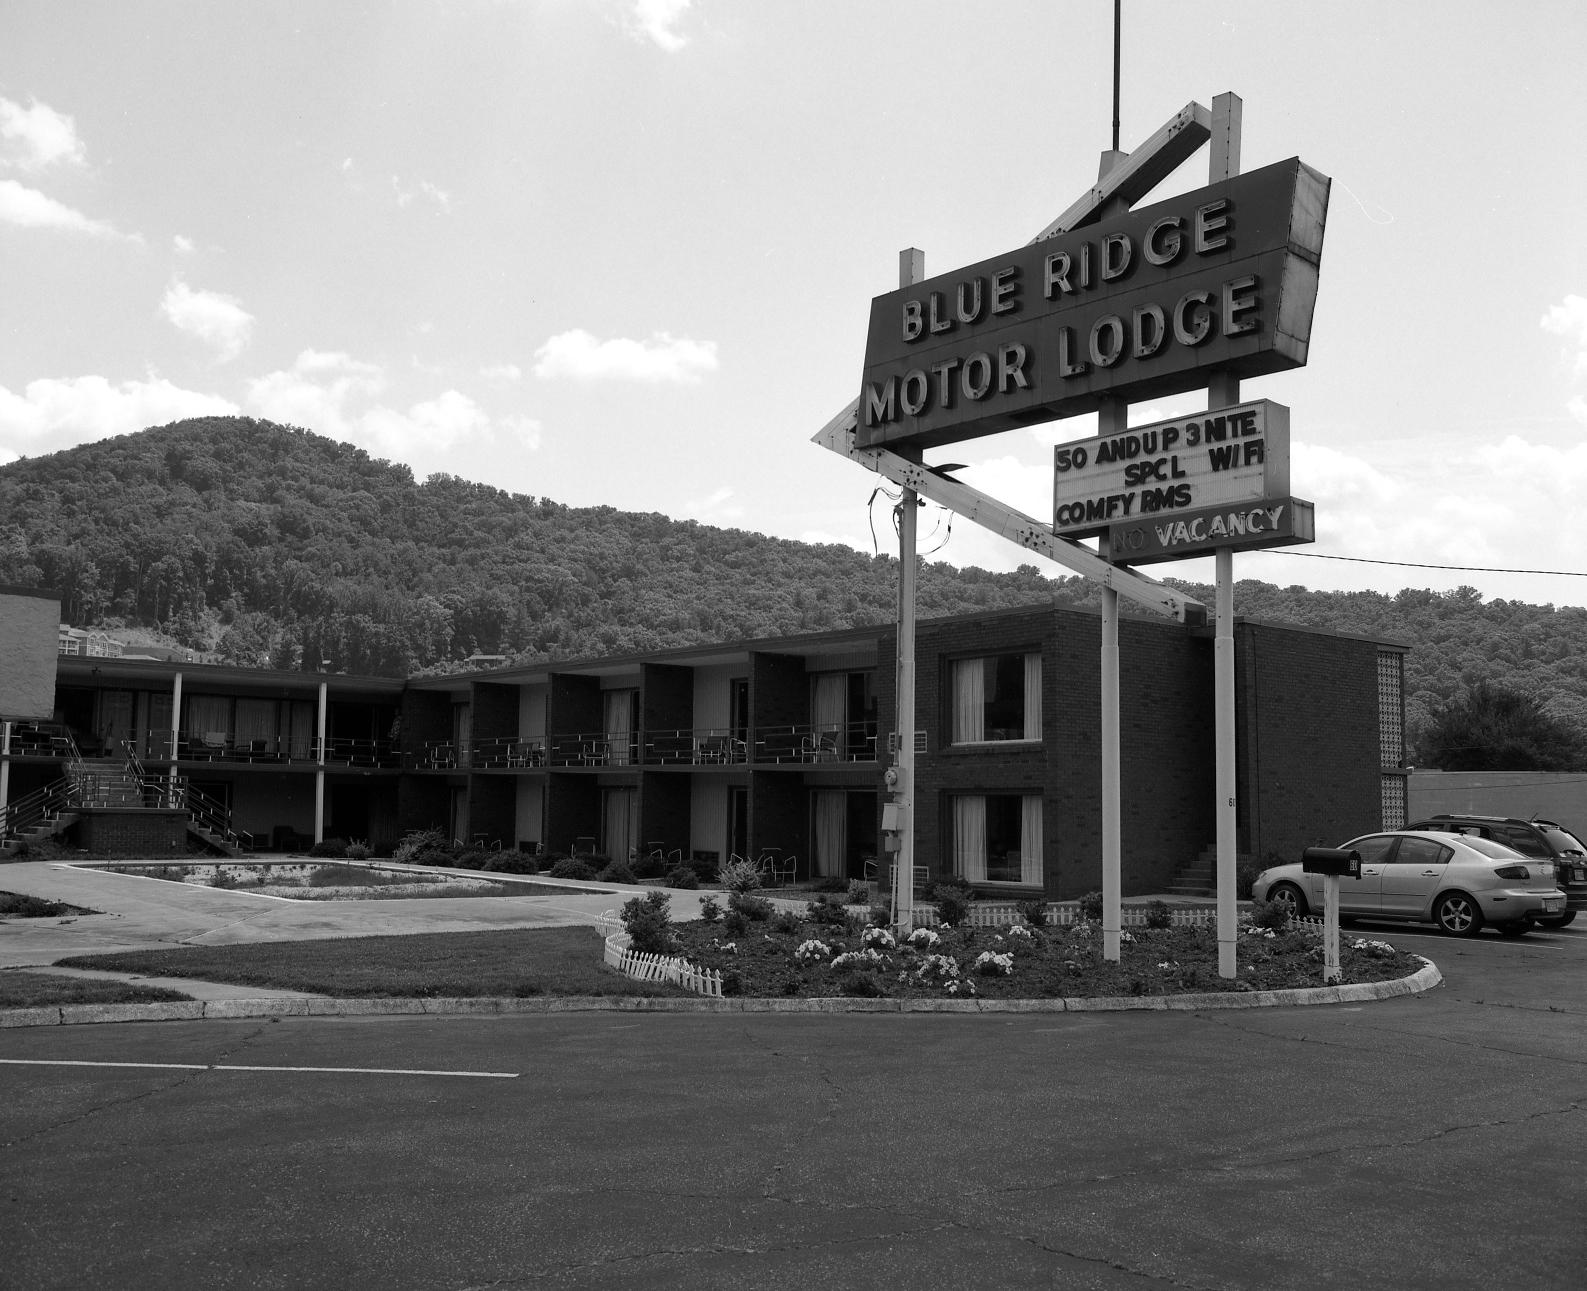 Blue Ridge Motor Lodge. Asheville, NC. 2013.